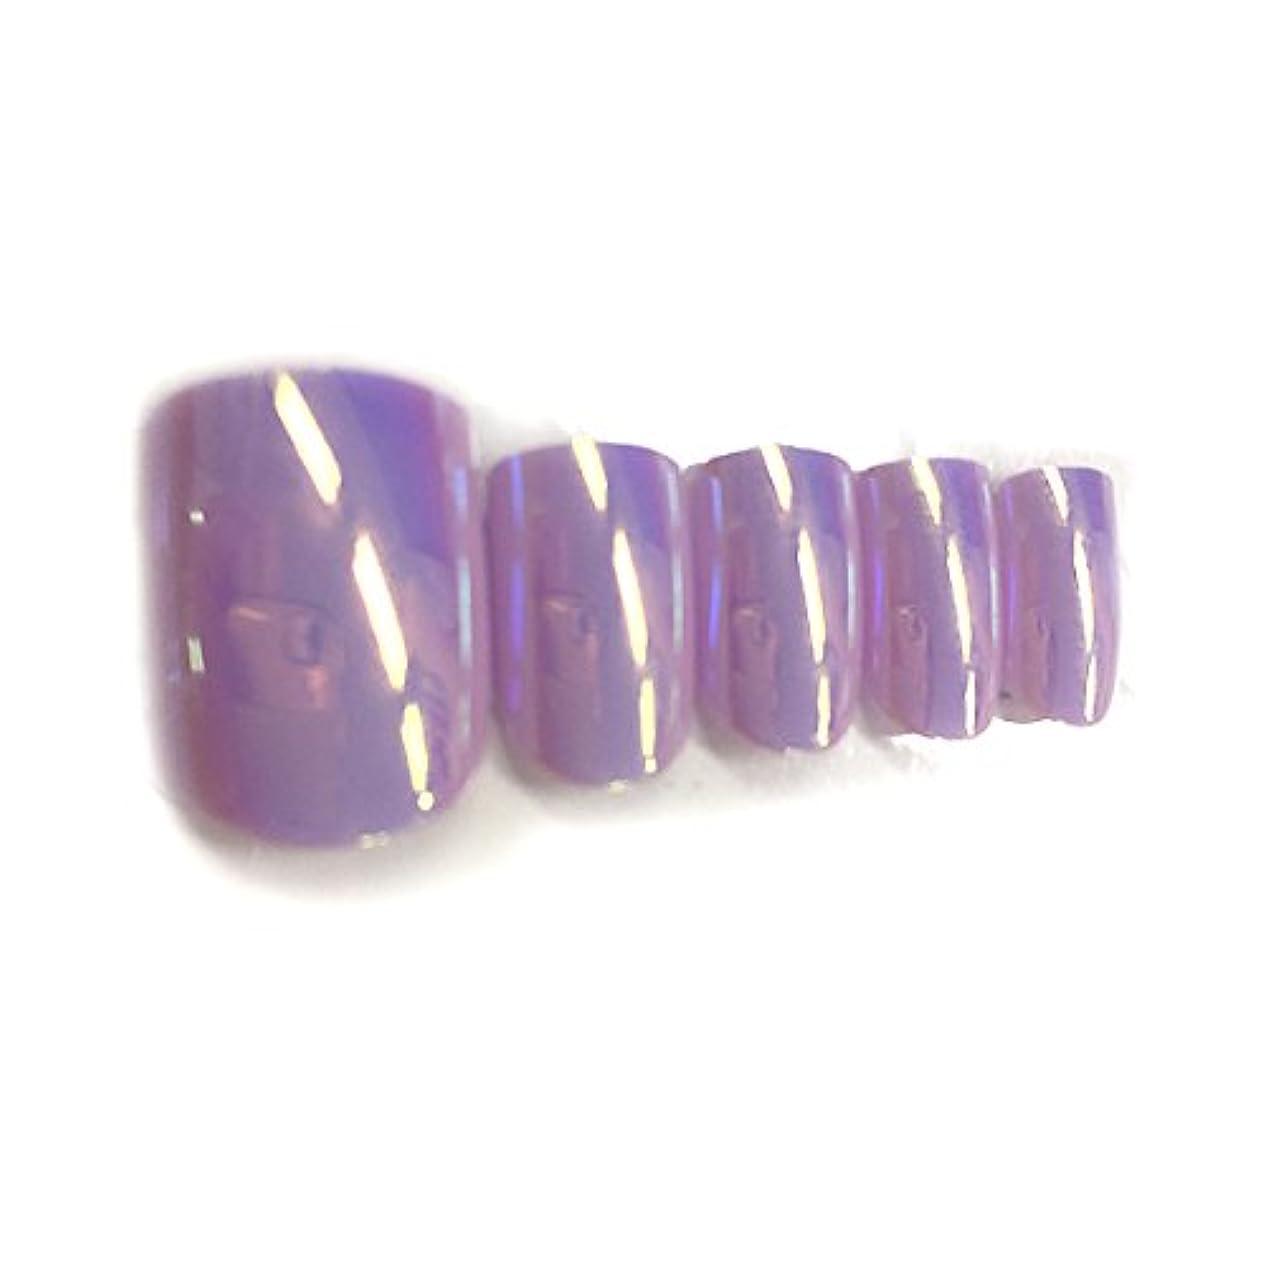 圧力学期ロビー< OMD > Feel soft Nail tip No.6 パステルパープル (84枚入り) [ ペディキュアチップ ペディチップ ペディキュアネイルチップ ミラーチップ 足用ネイルチップ フットネイルチップ 親指...